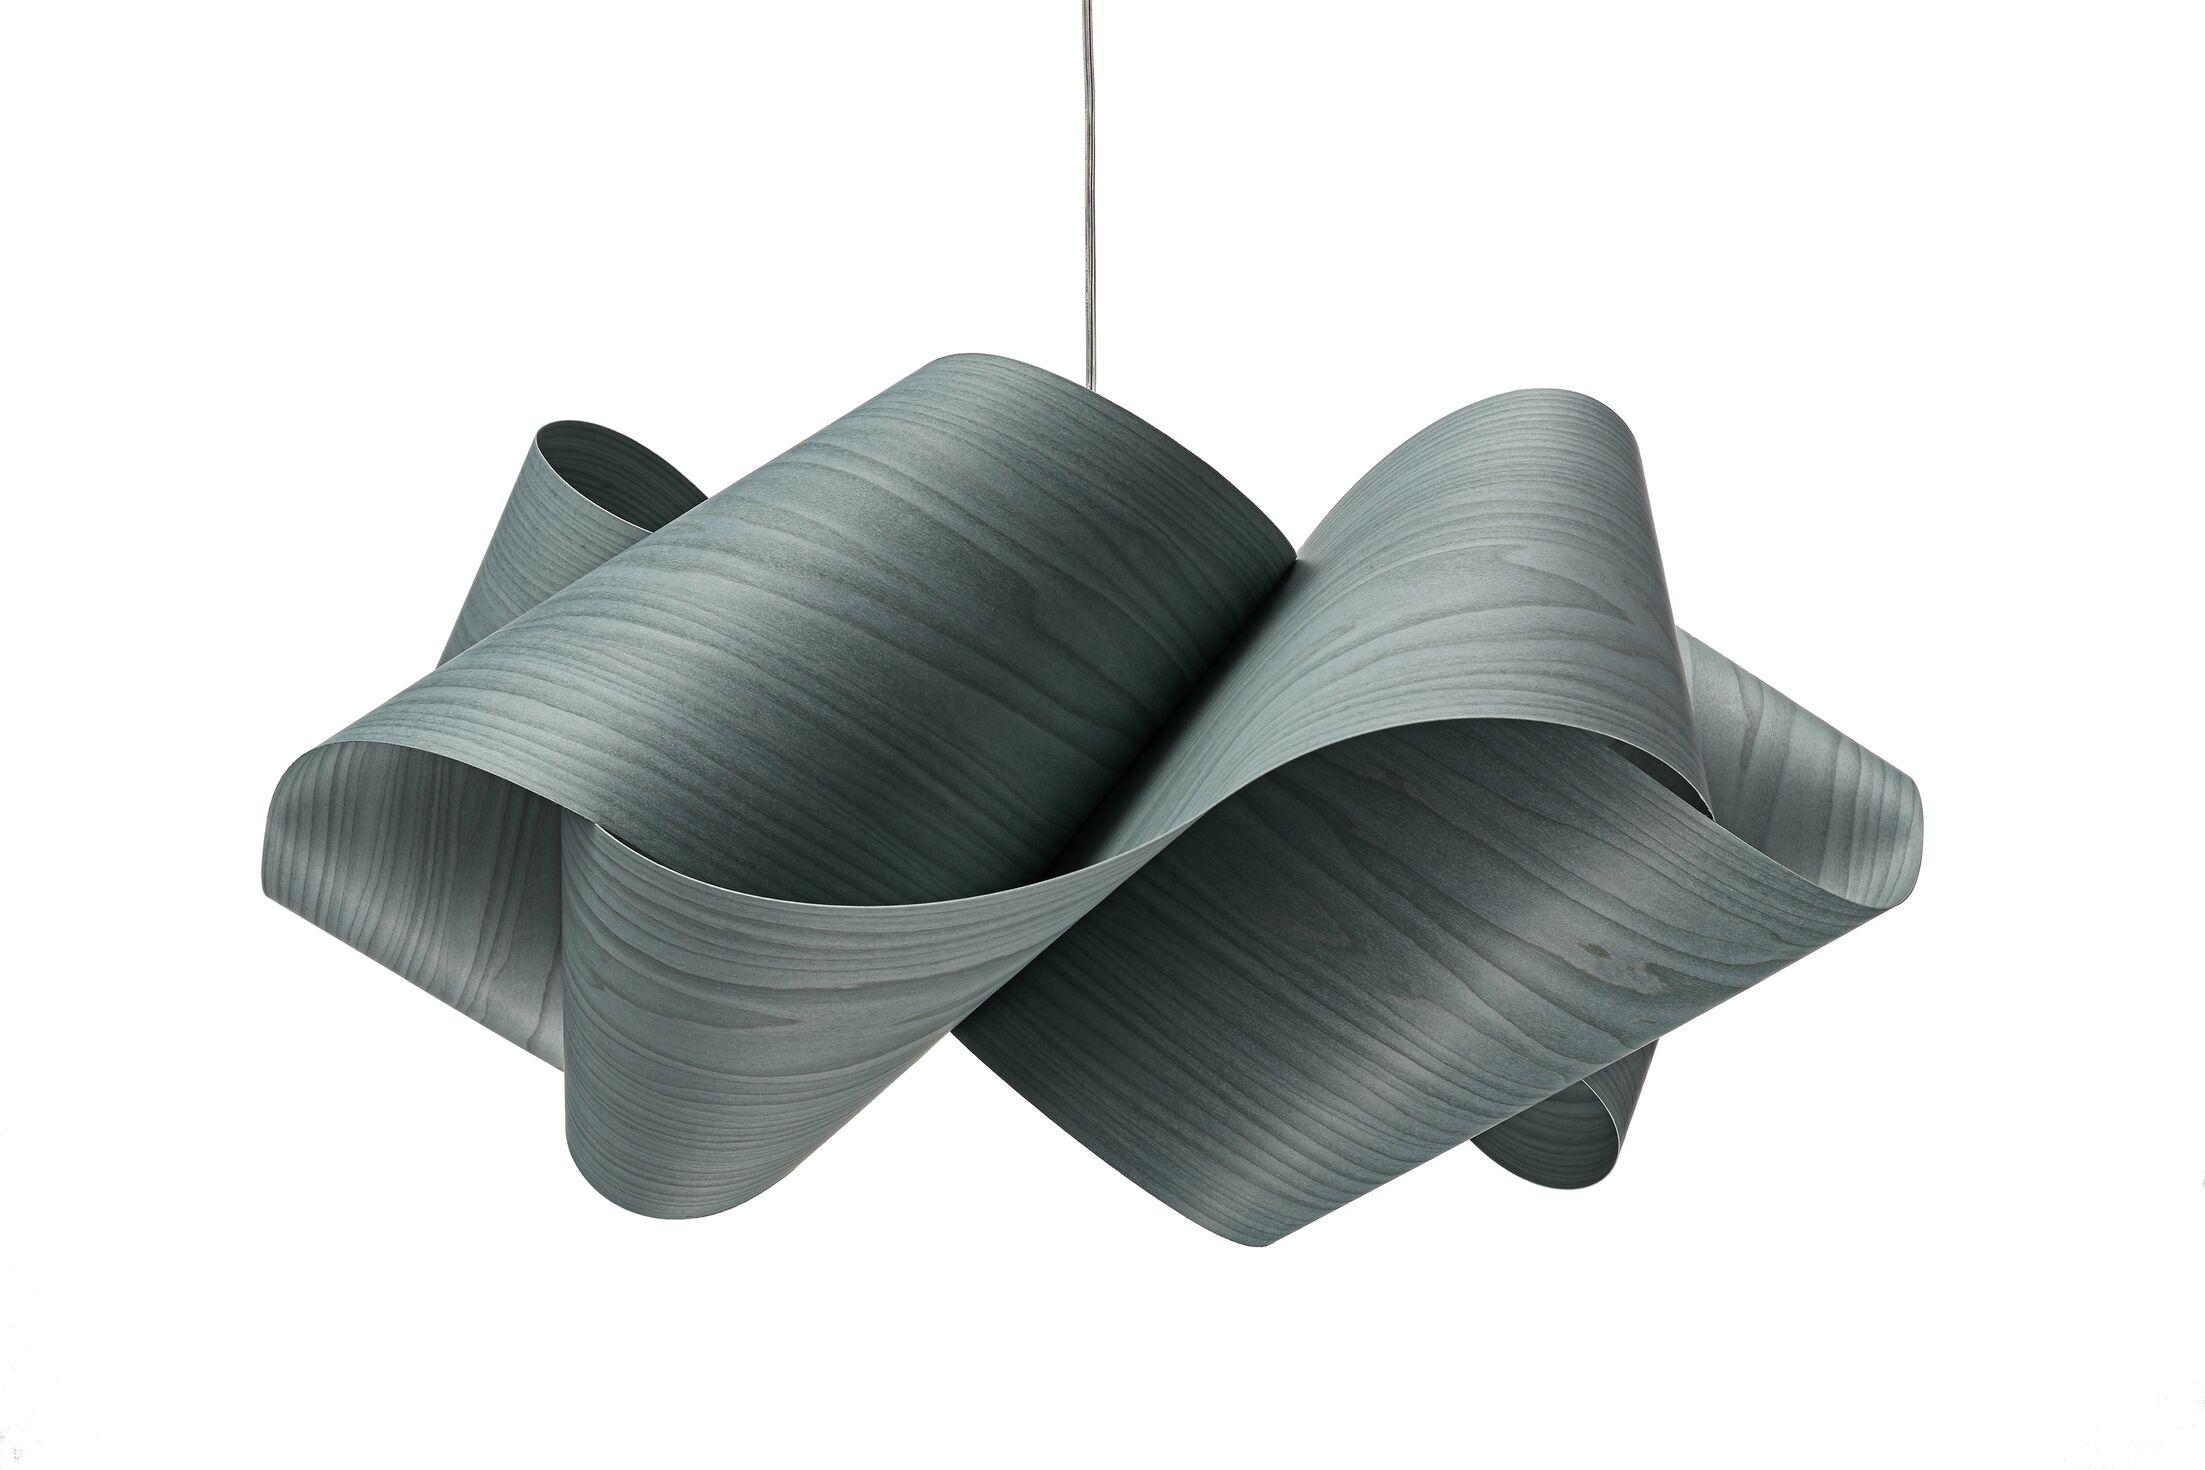 Swirl 1-Light Novelty Pendant Shade Color: Turquoise, Finish: Brushed Nickel